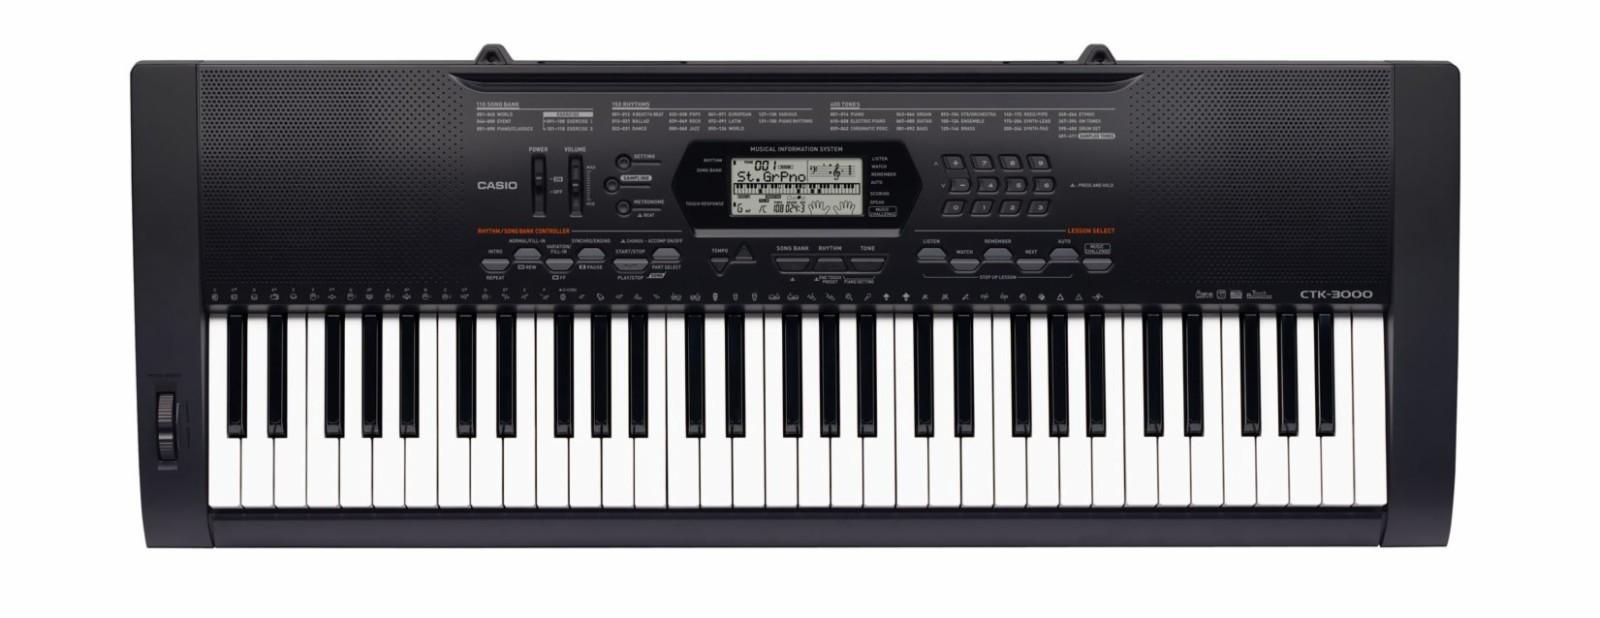 Keyboard Casio CTK-3000 selges billig! - Nyborg, 5130 Nyborg  - Keyboard er i svært god tilstand og lite brukt! Kjøpt for 2093kr. Følger med norsk bruksanvisning og keyboard stativ.   Produktbeskrivelse CTK-3000 får deg inspirert fra første stund med sine 61 trykksensitive tangenter. Op - Nyborg, 5130 Nyborg